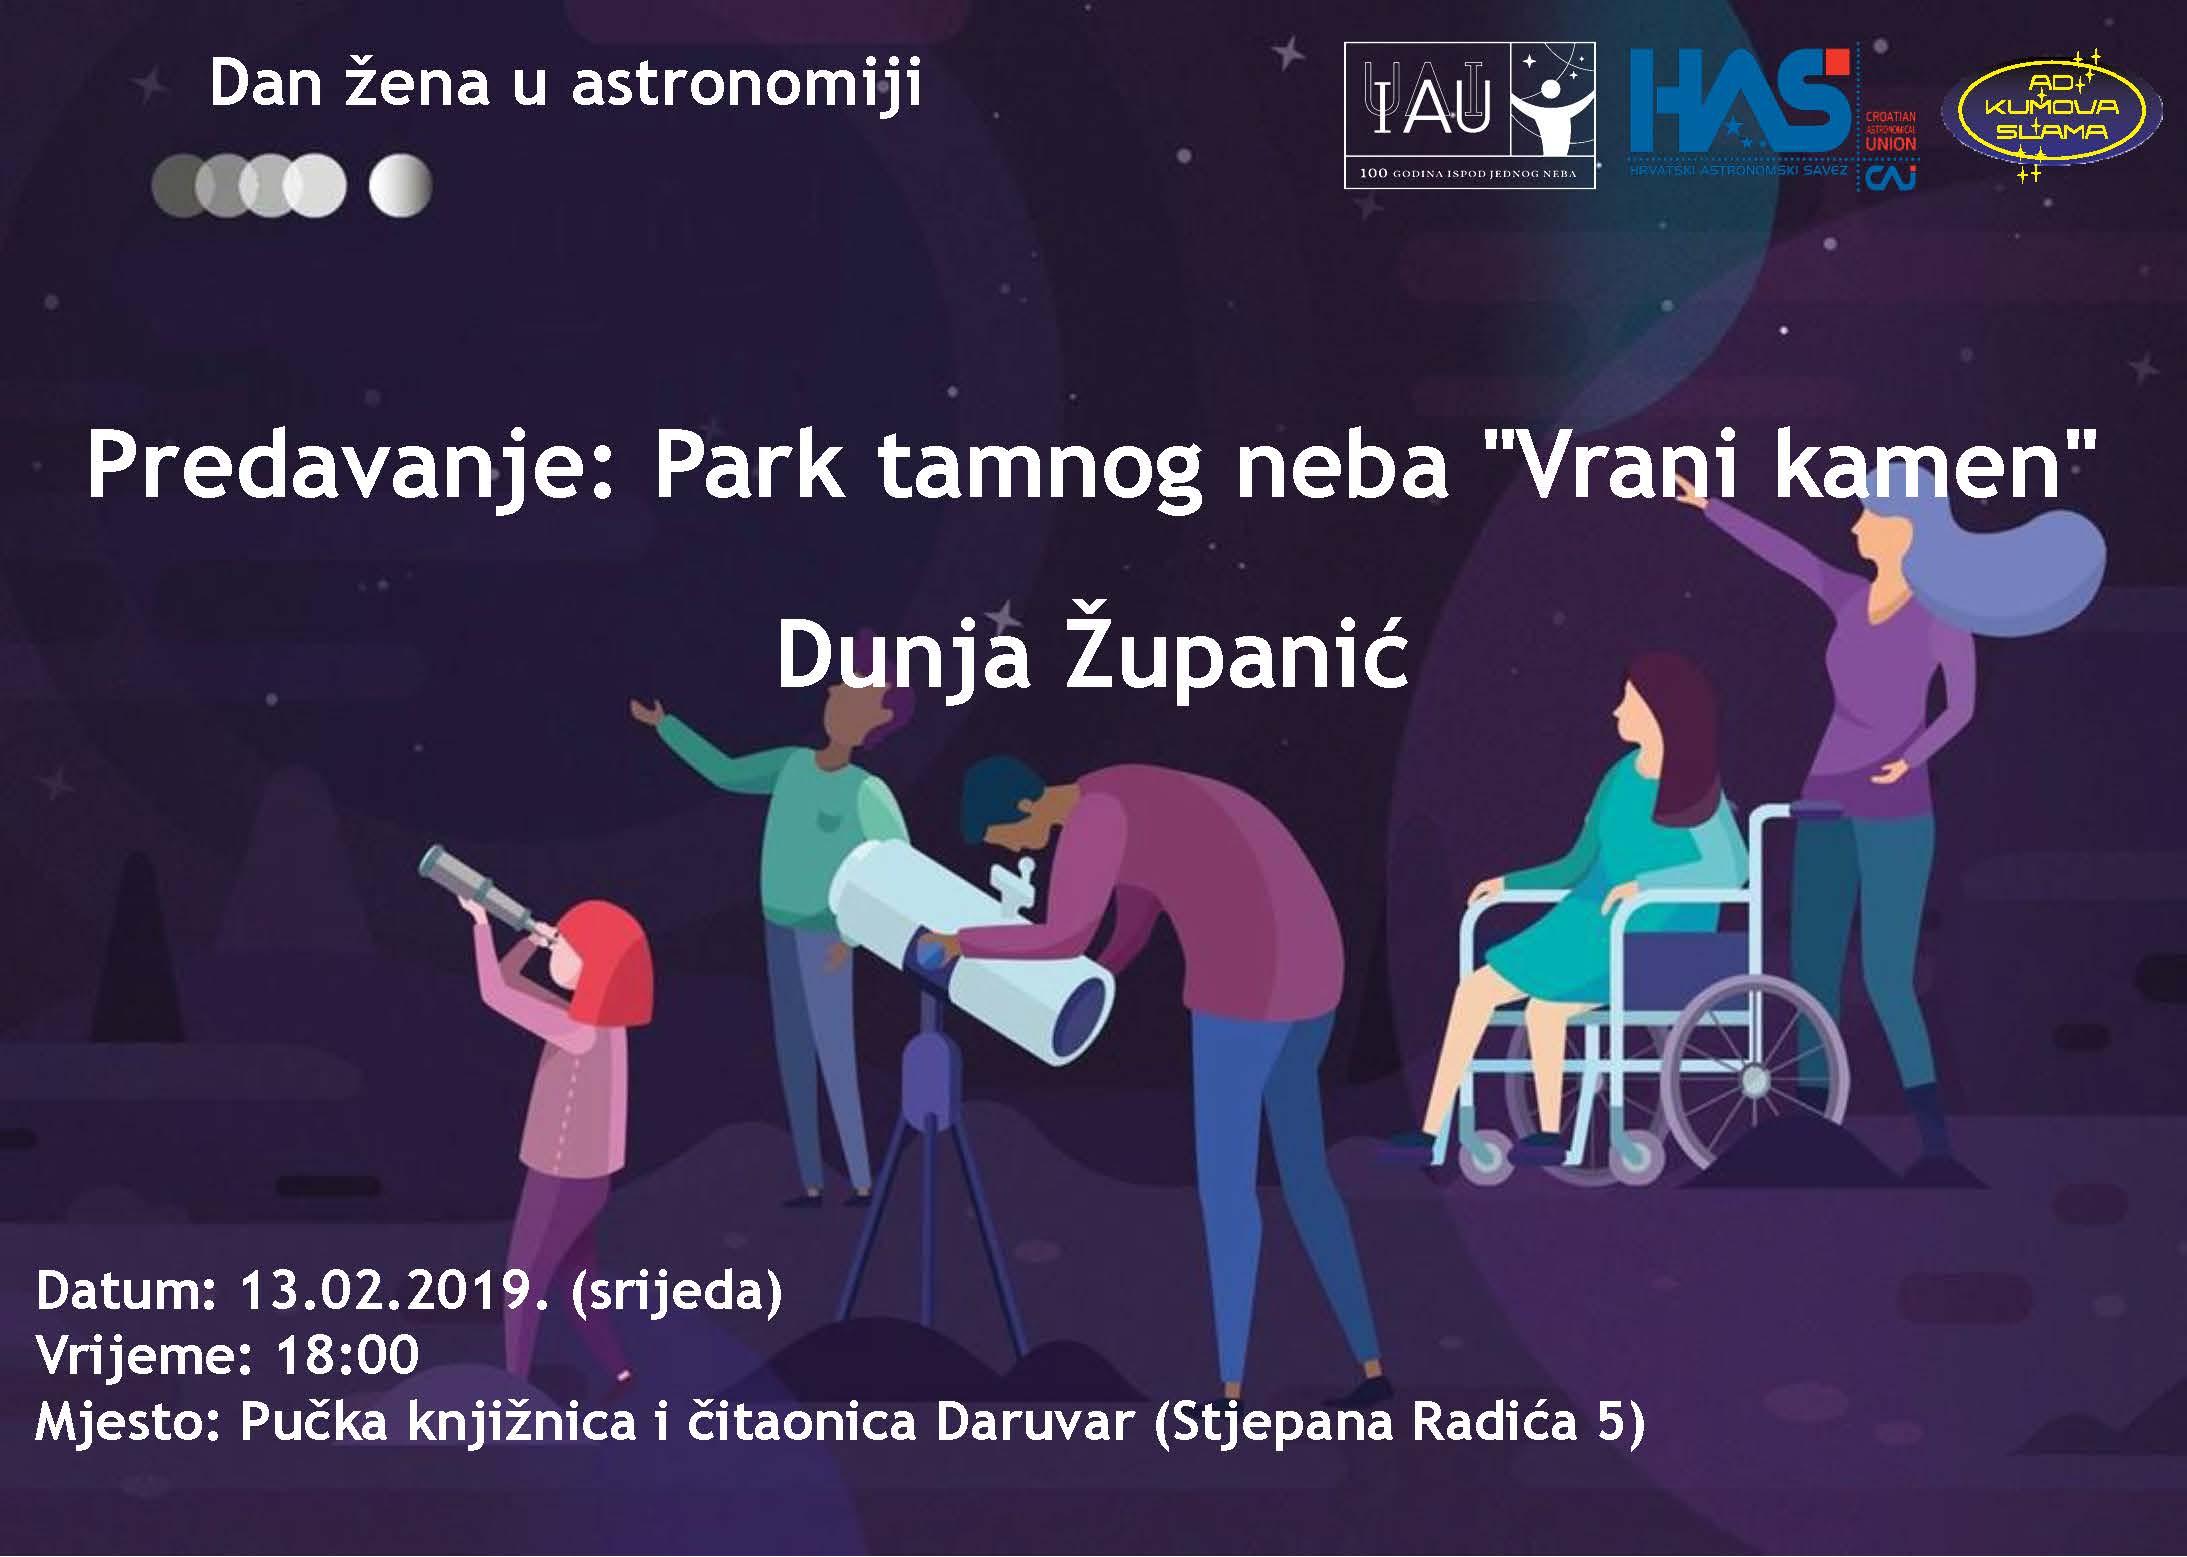 Daruvar (13.02.2019.) - Predavanje: Park tamnog neba Vrani Kamen